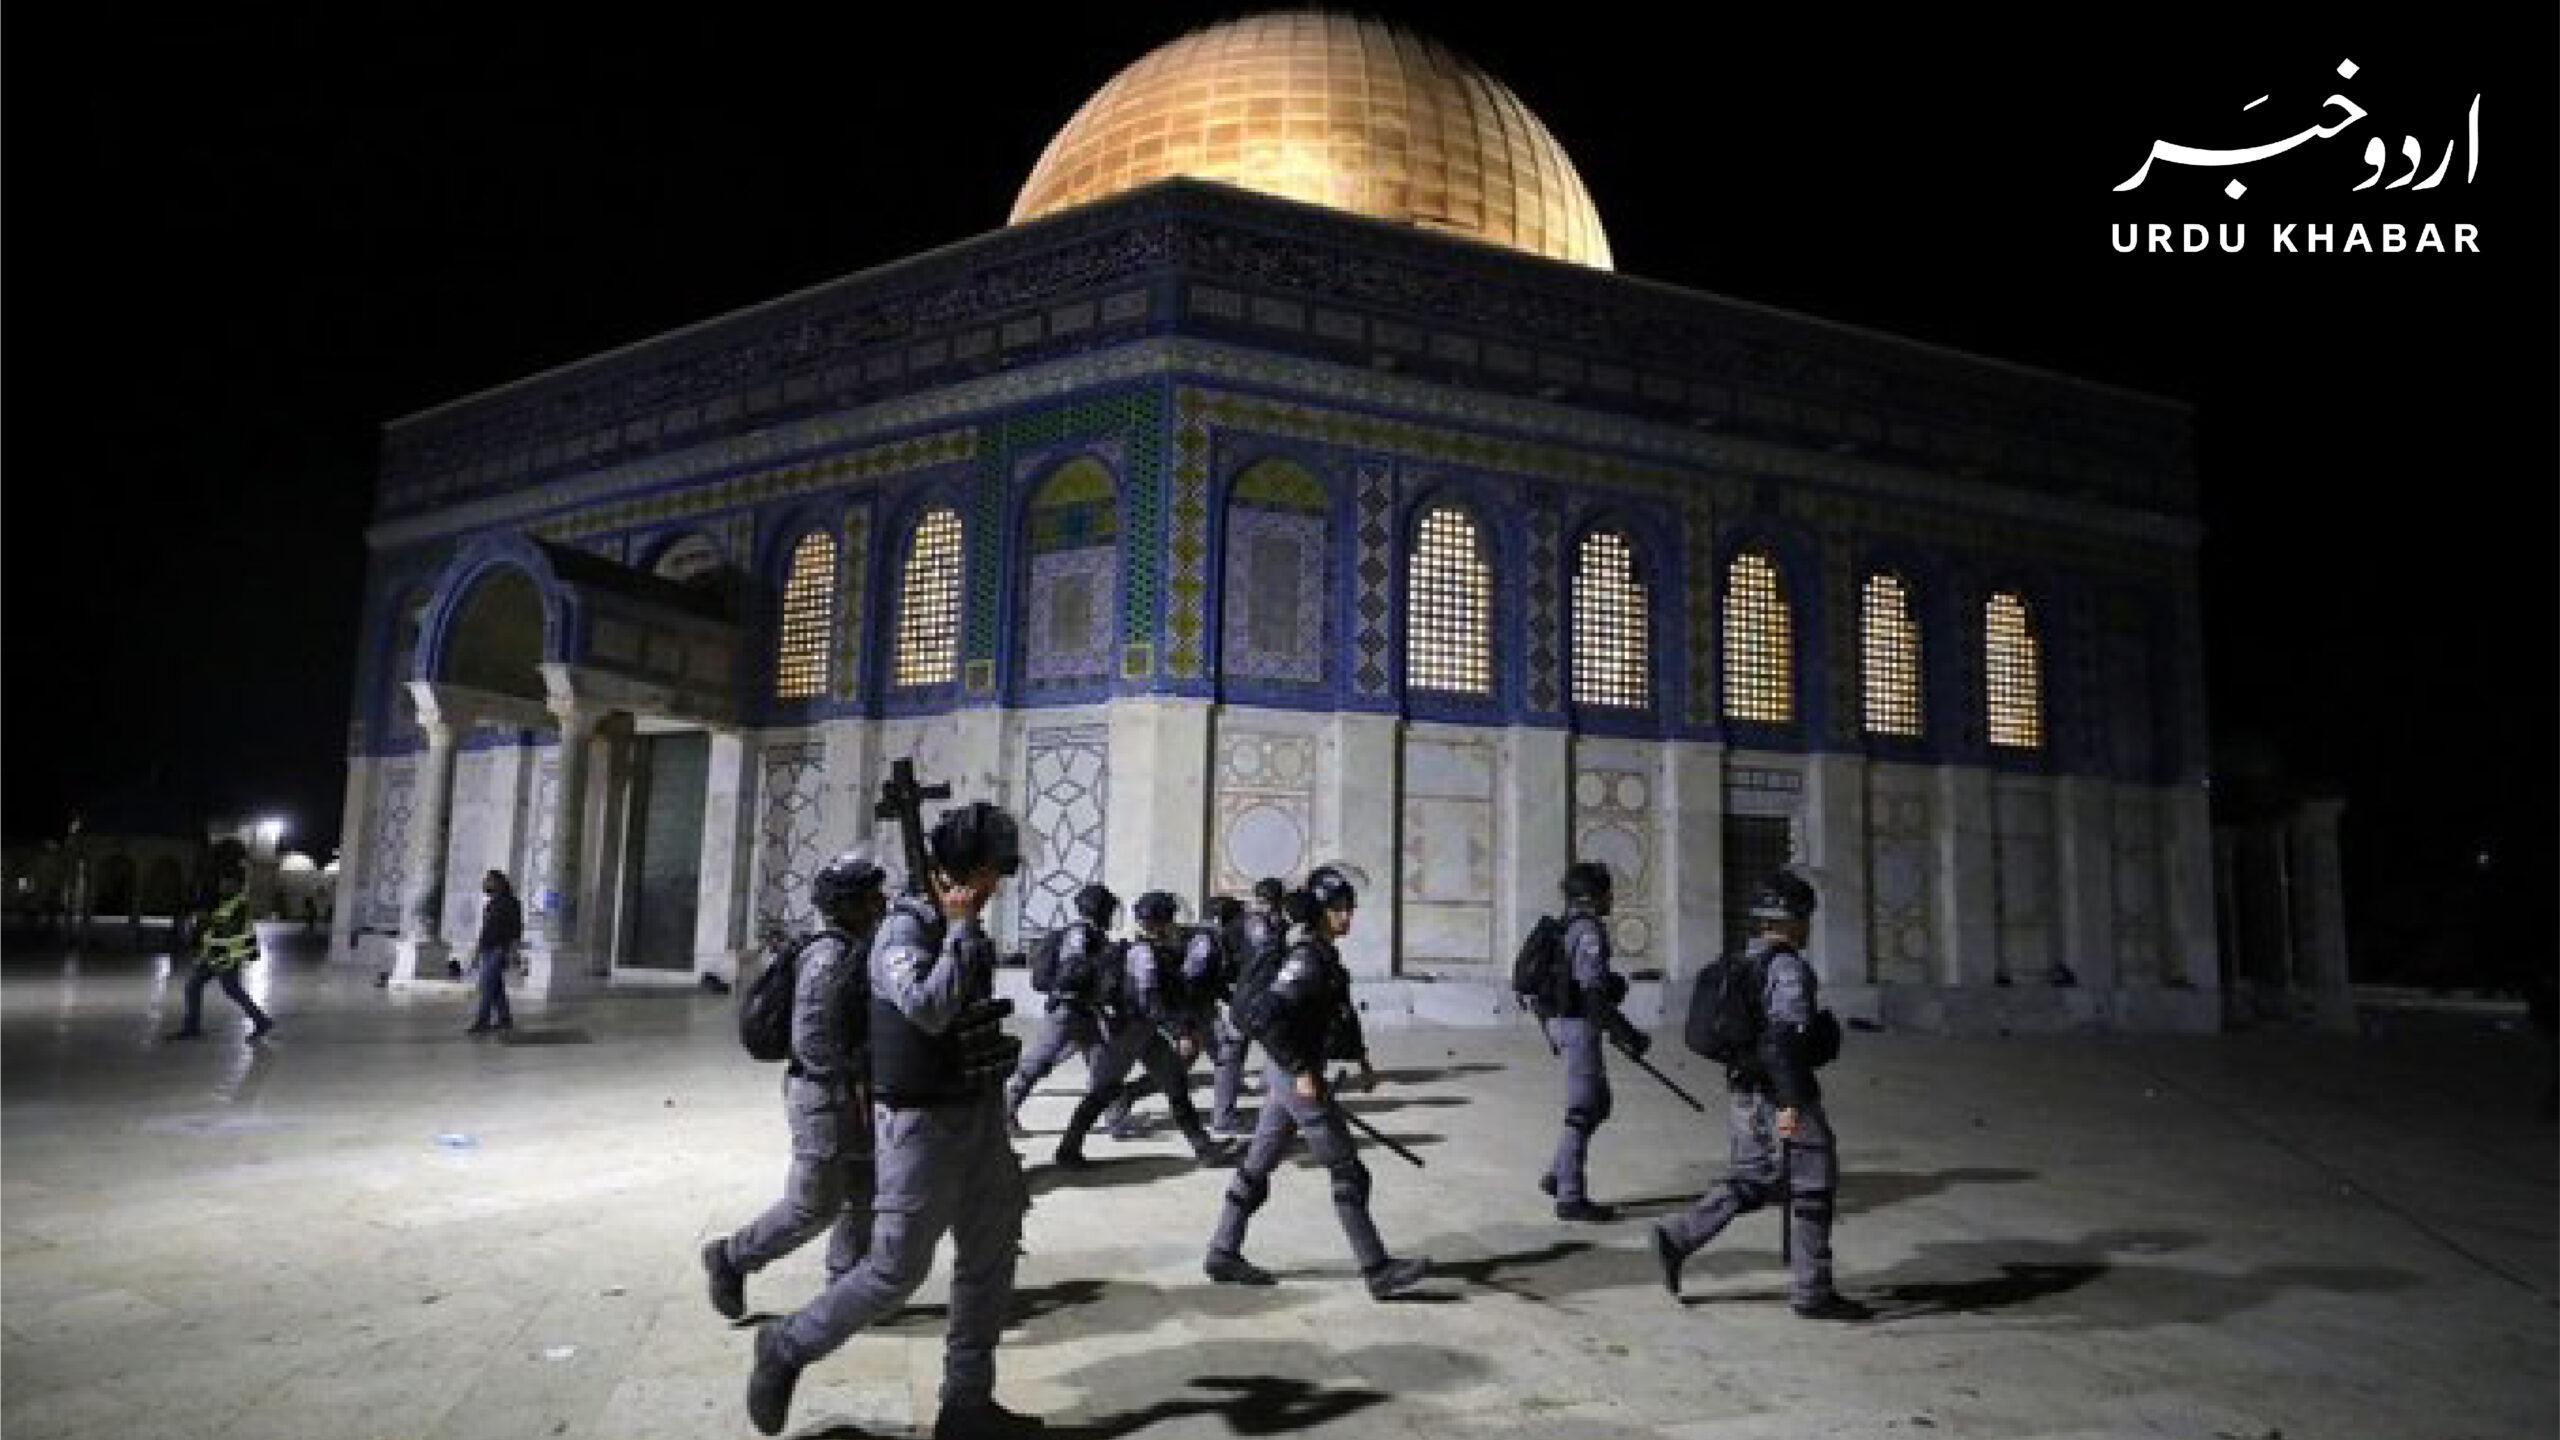 مسجد الاقصی میں اسرائیلی پولیس کا فلسطینیوں پر نماز تراویح کے دوران تشدد